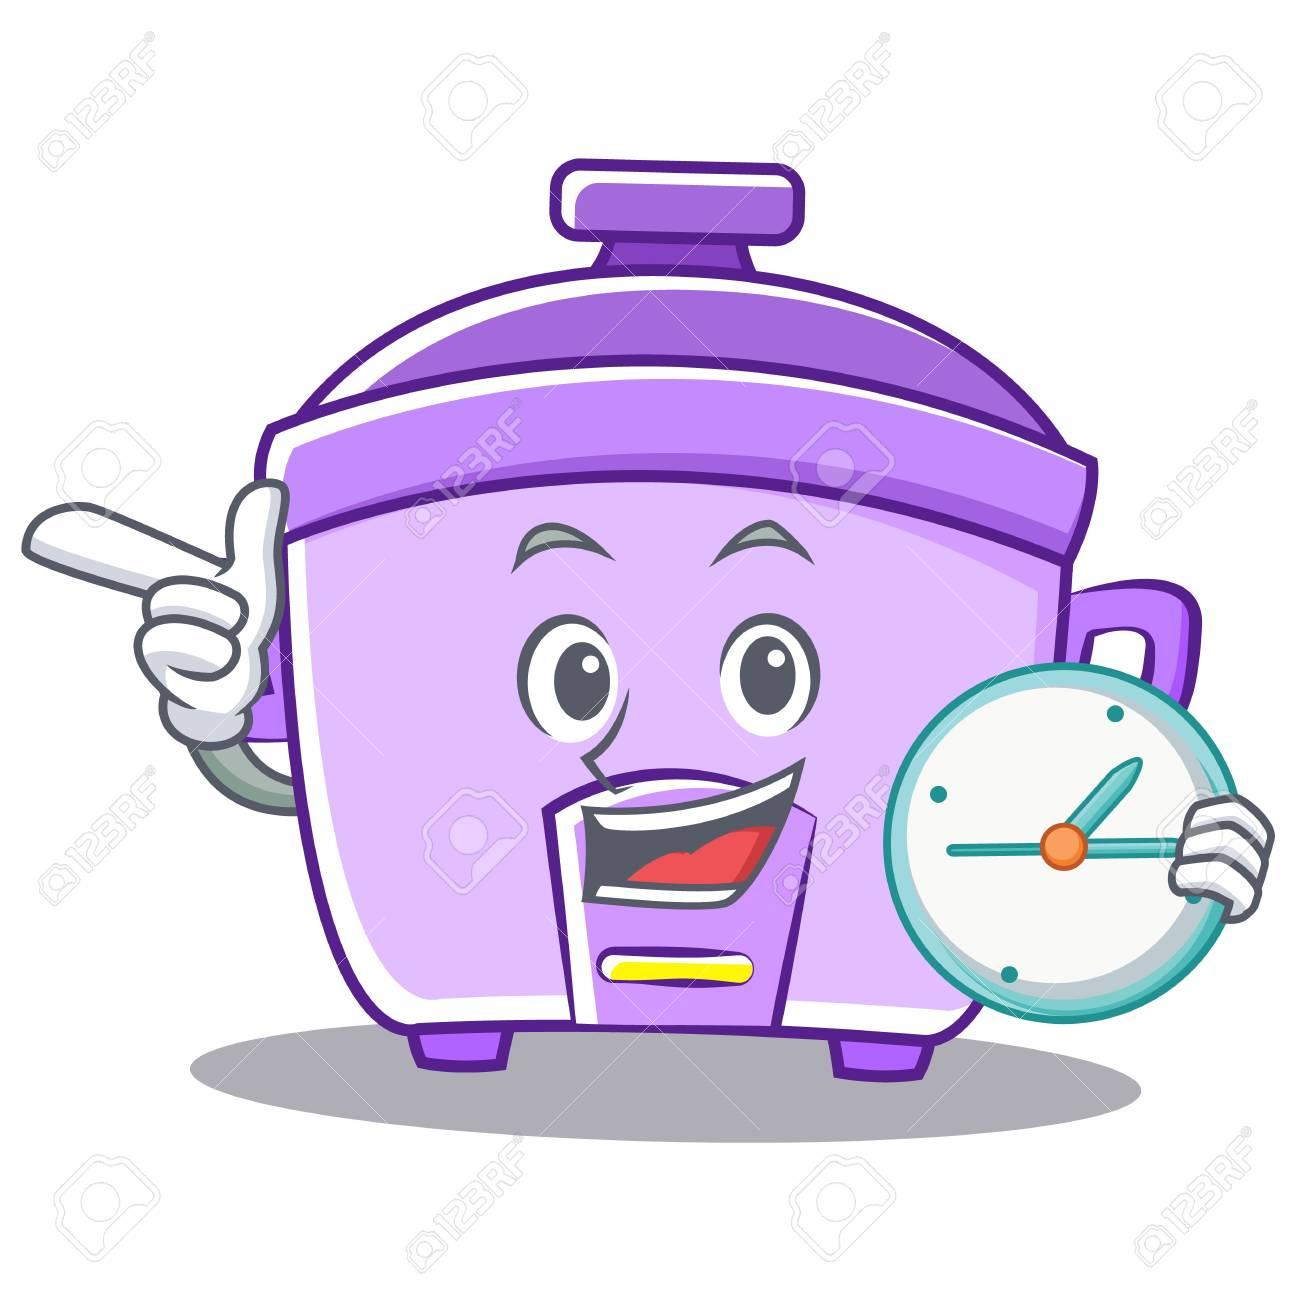 Con El Vector De Dibujos Animados De Caracter Reloj Arroz Cocina